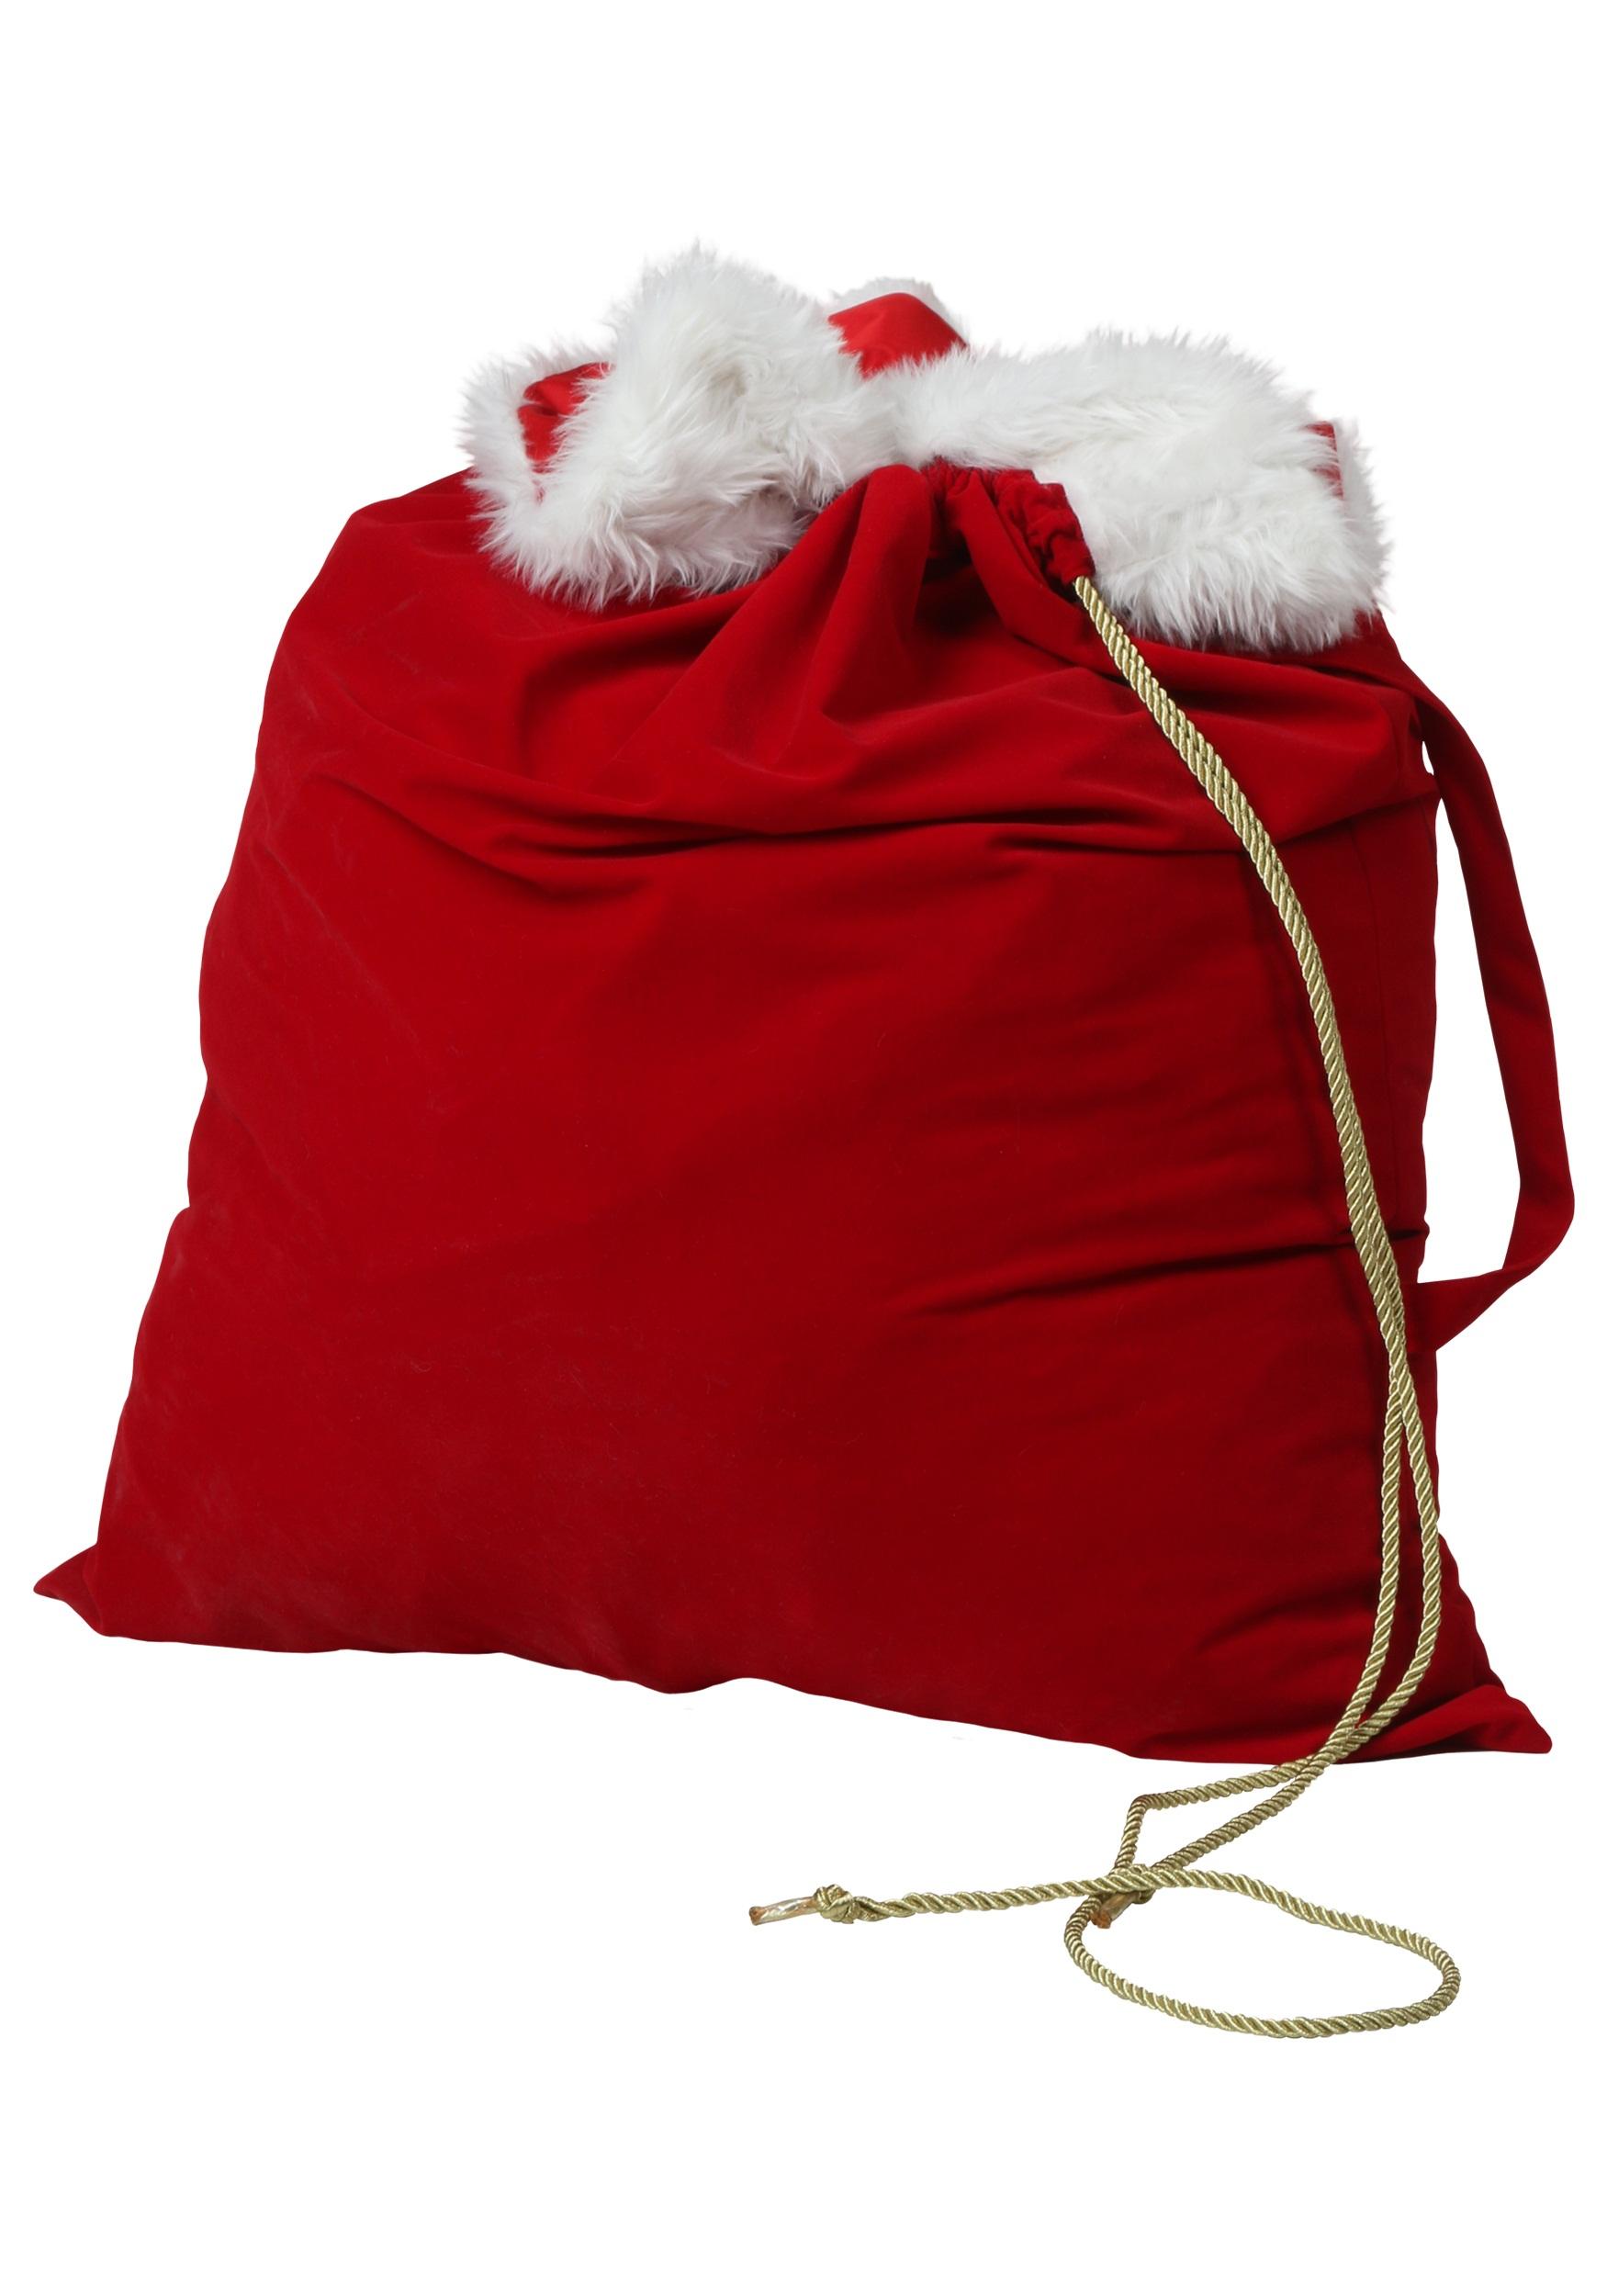 Saint Nicholas' Gift Bag